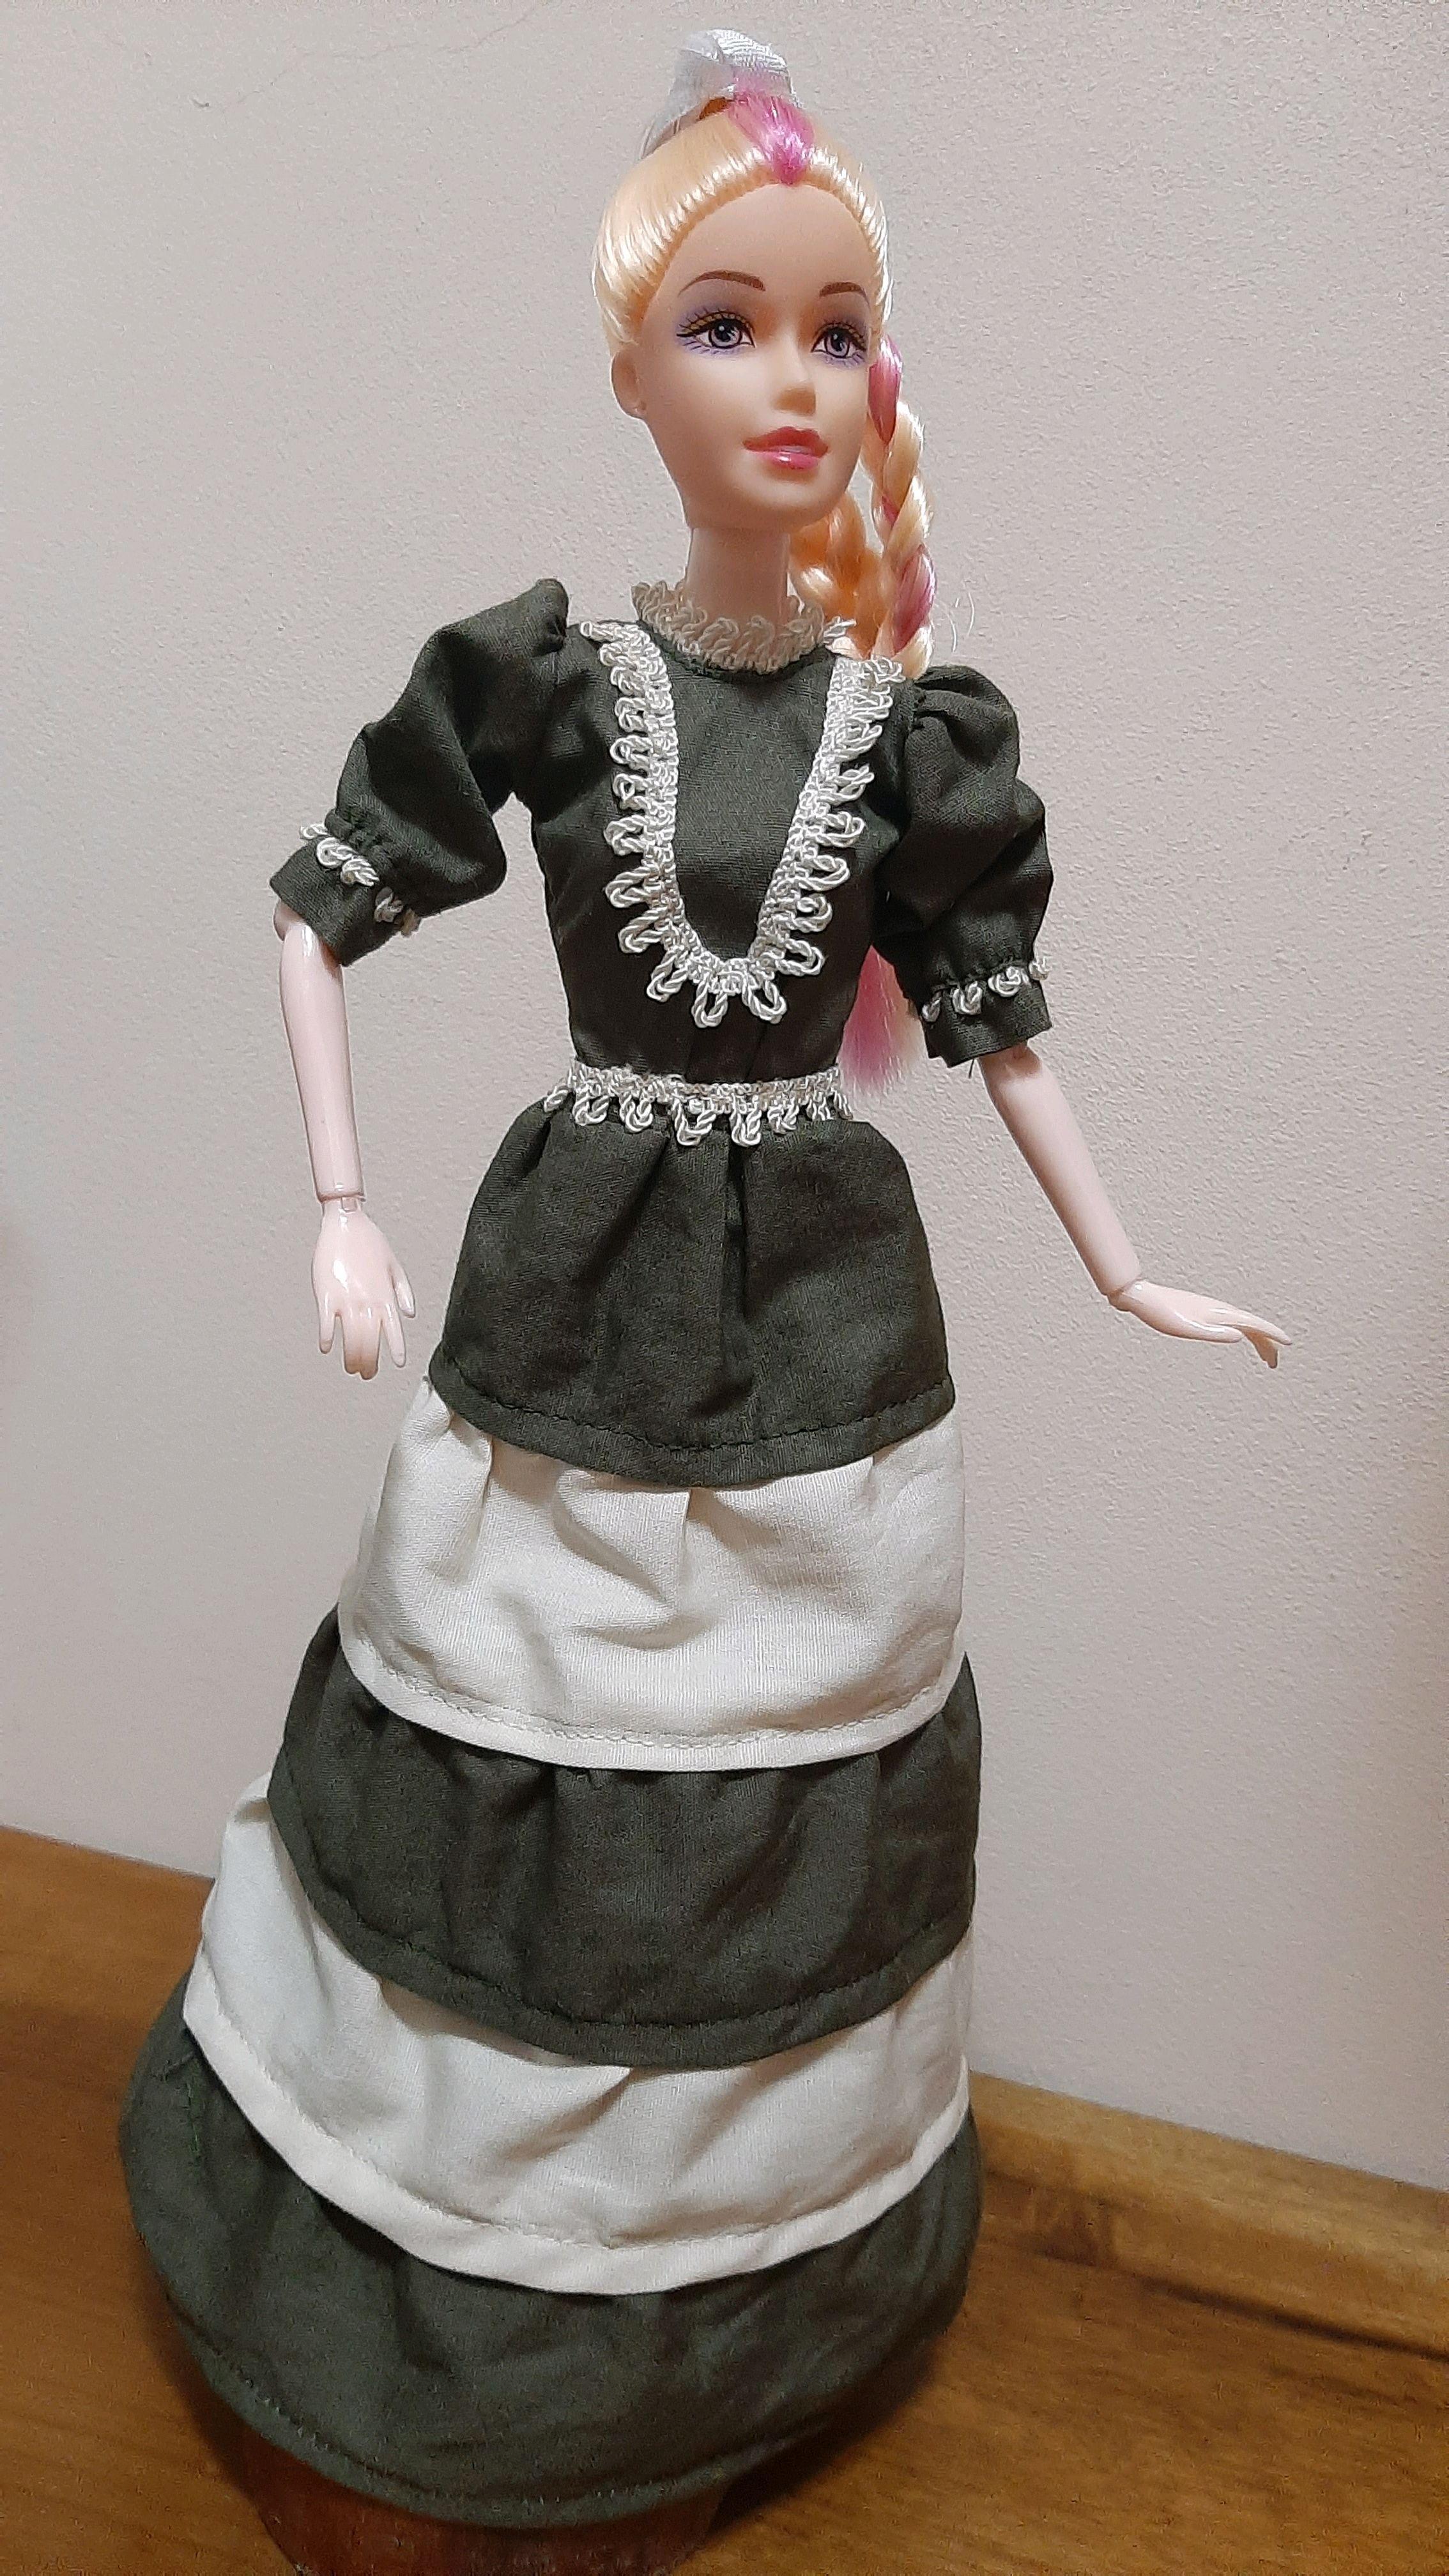 Roupa de boneca Barbie no Elo7 | Ateliê Seda Rosa (13CE50D)